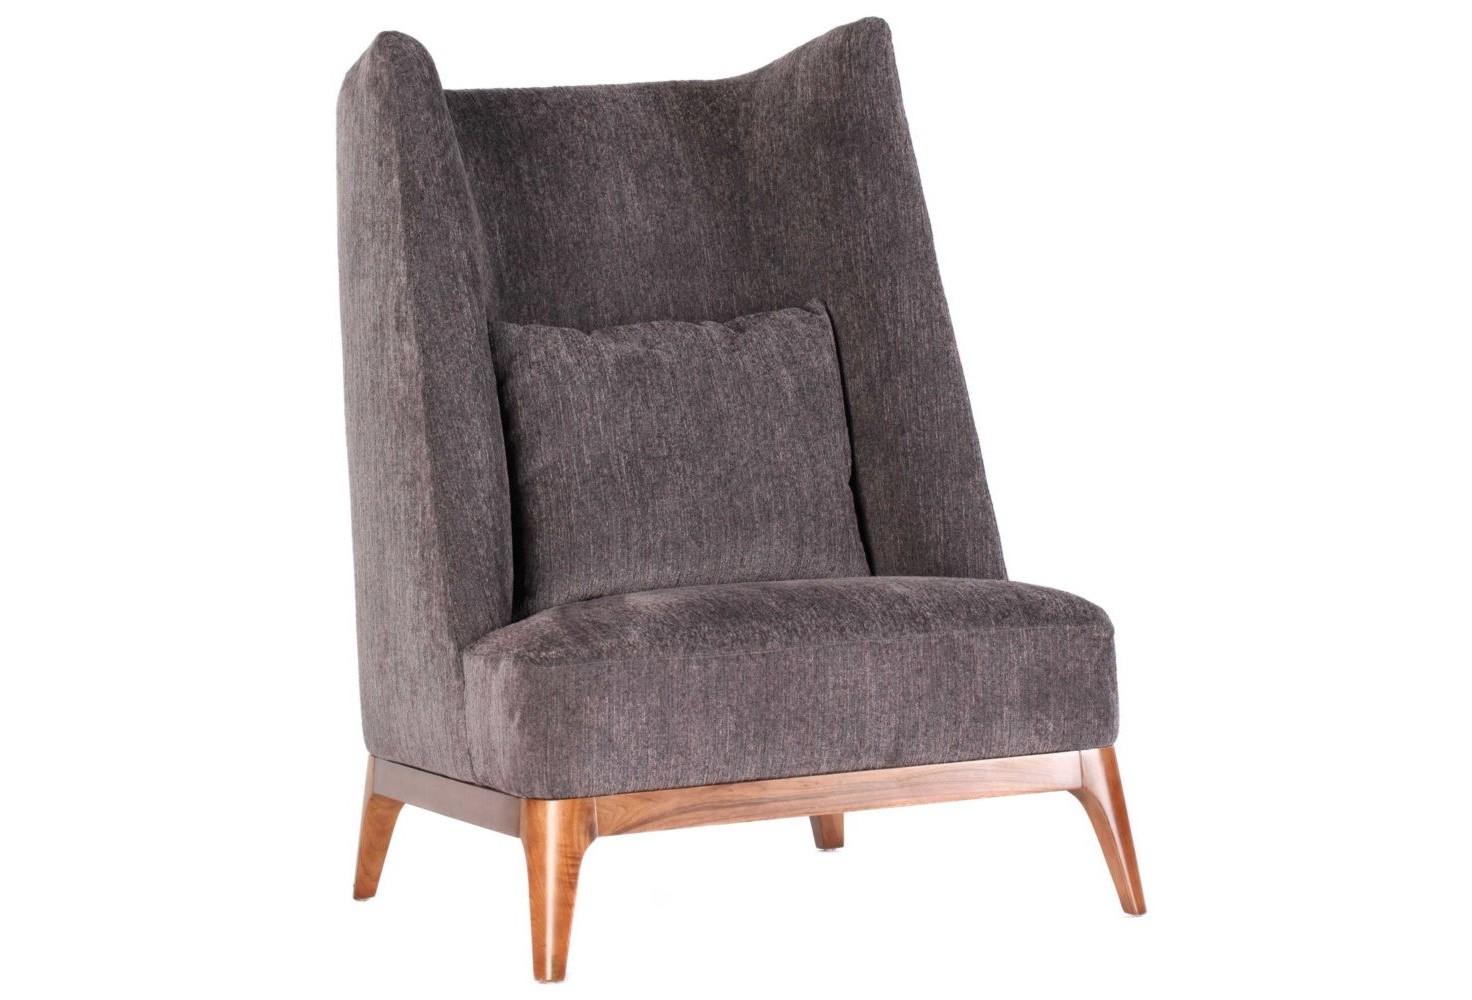 КреслоКресла с высокой спинкой<br>Оригинальное кресло с изогнутой спинкой и расставленными ножками, хоть и стилизовано под мебель 70-х годов, выглядит очень современным. Кресло очень удобно благодаря низкой посадке и подушке для поясницы.<br><br>Material: Текстиль<br>Ширина см: 86<br>Высота см: 120<br>Глубина см: 92